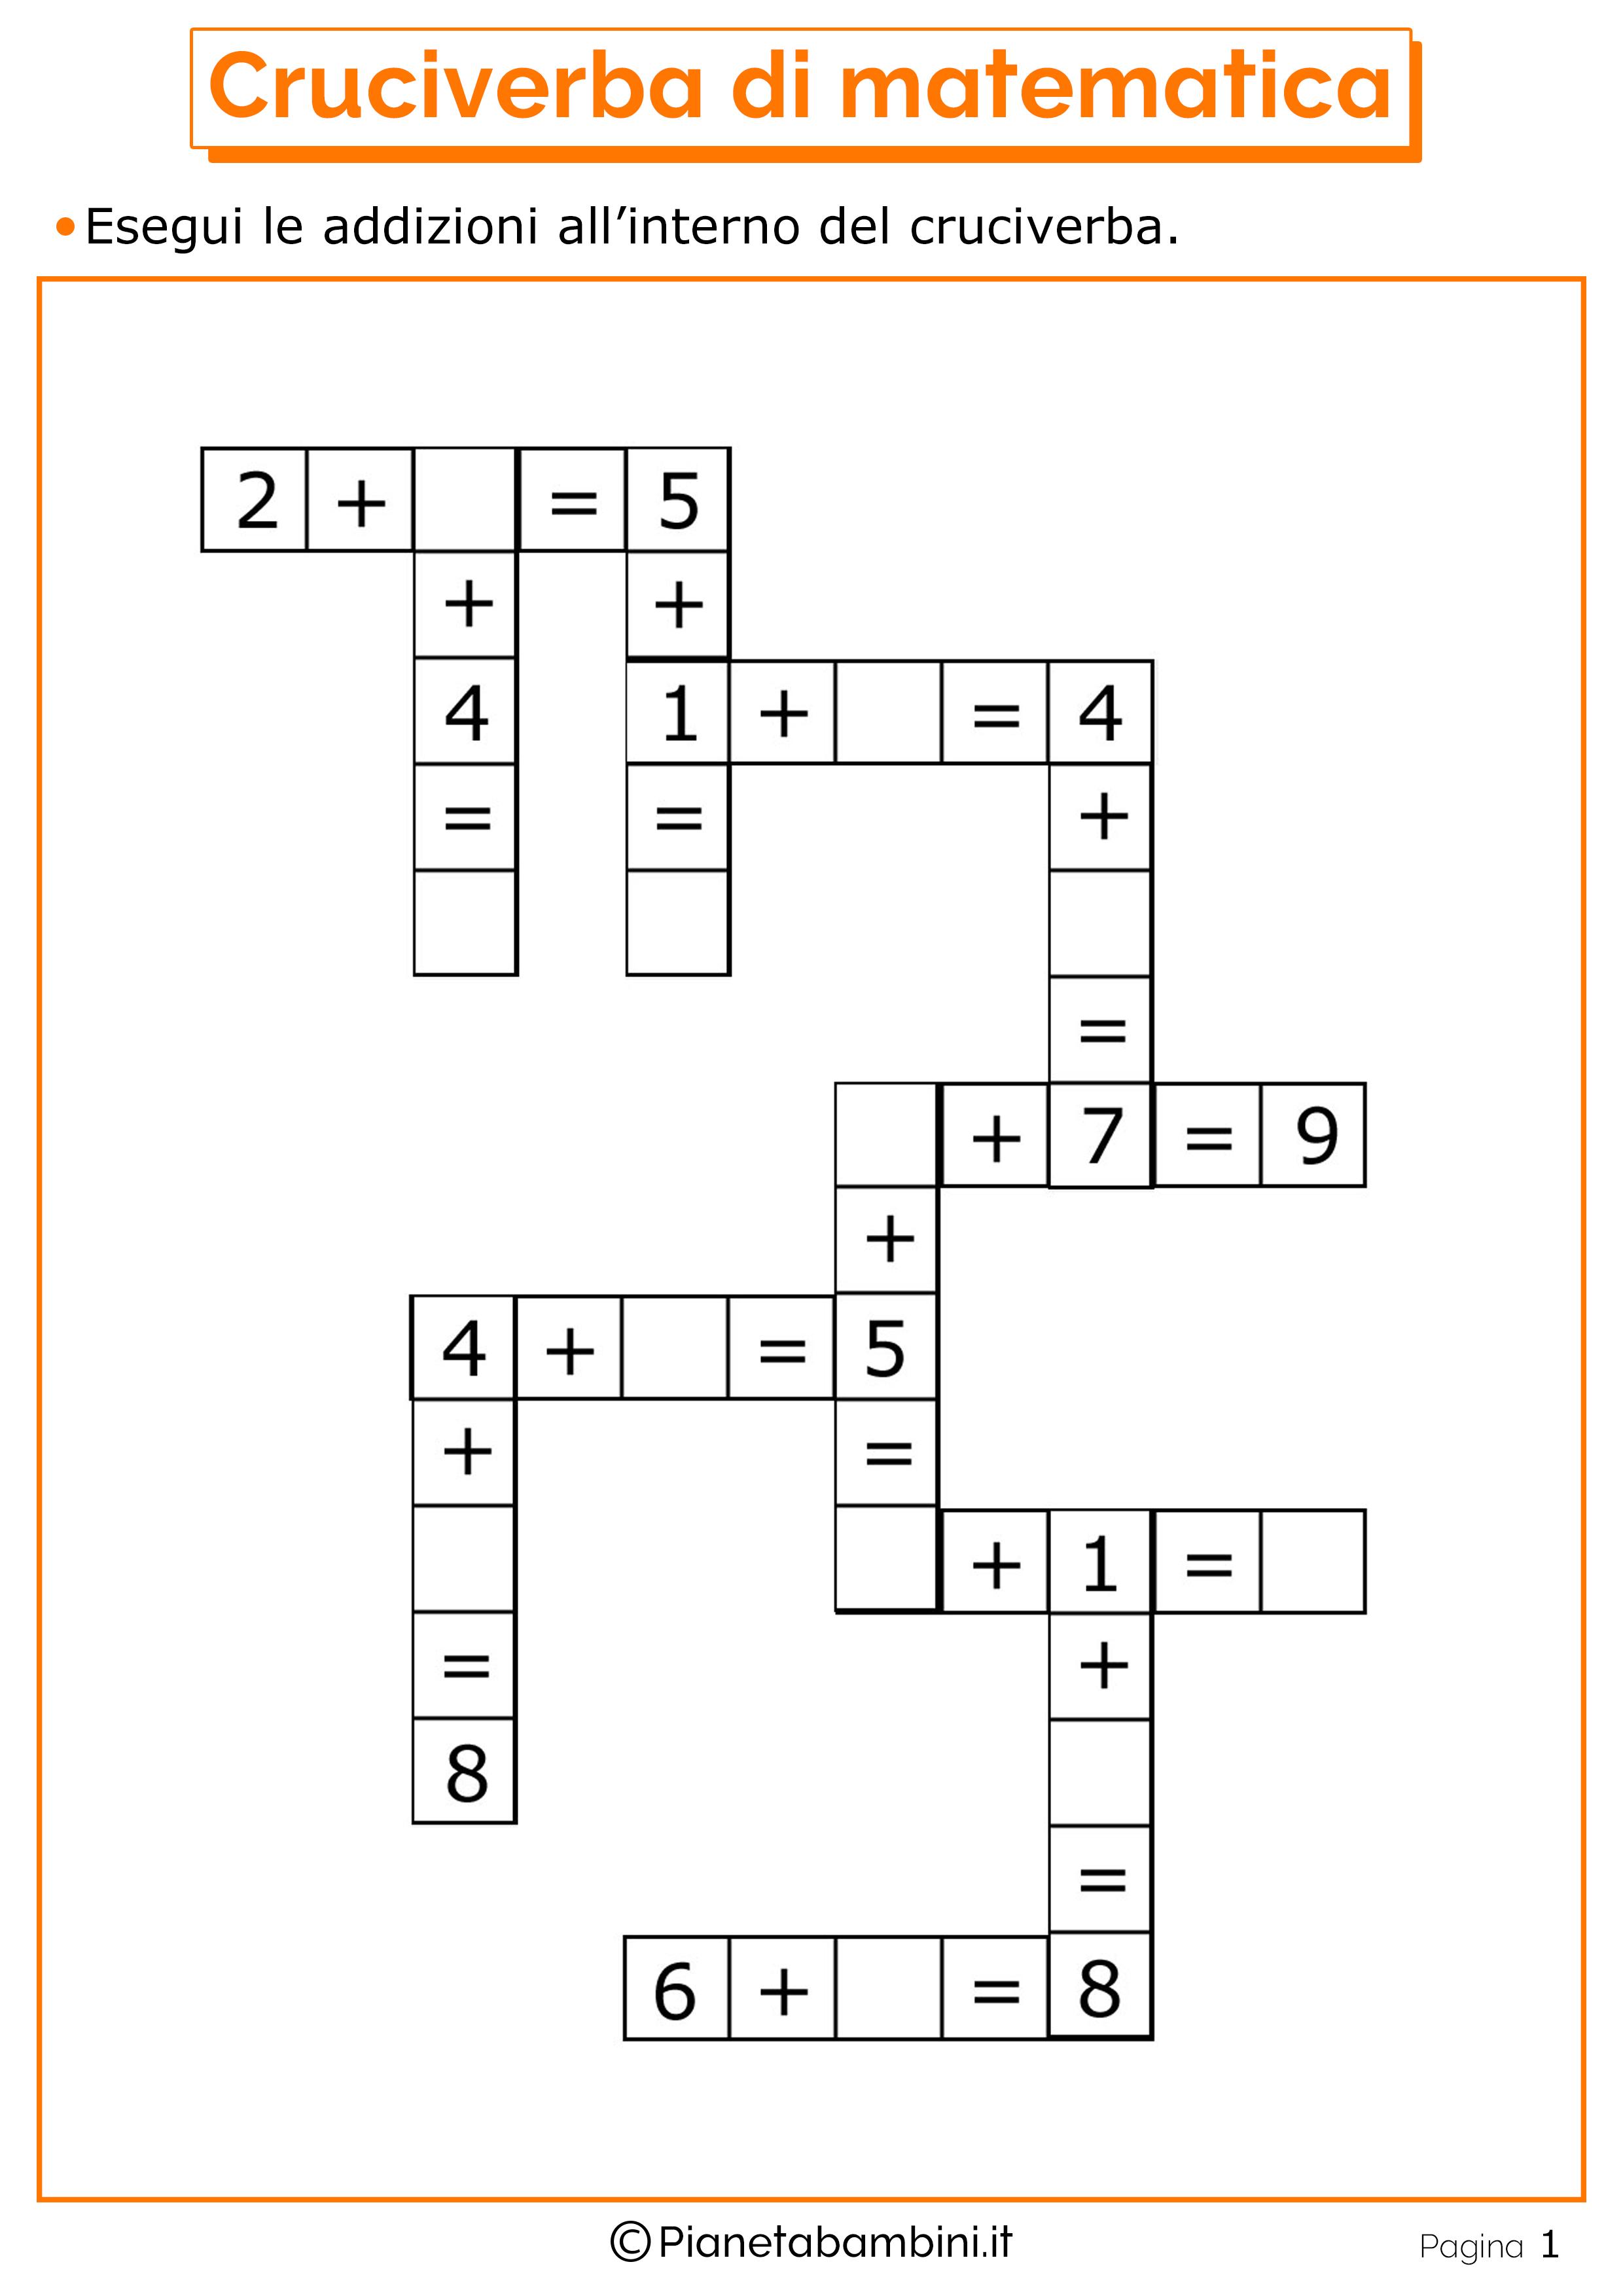 Cruciverba-Matematica_1